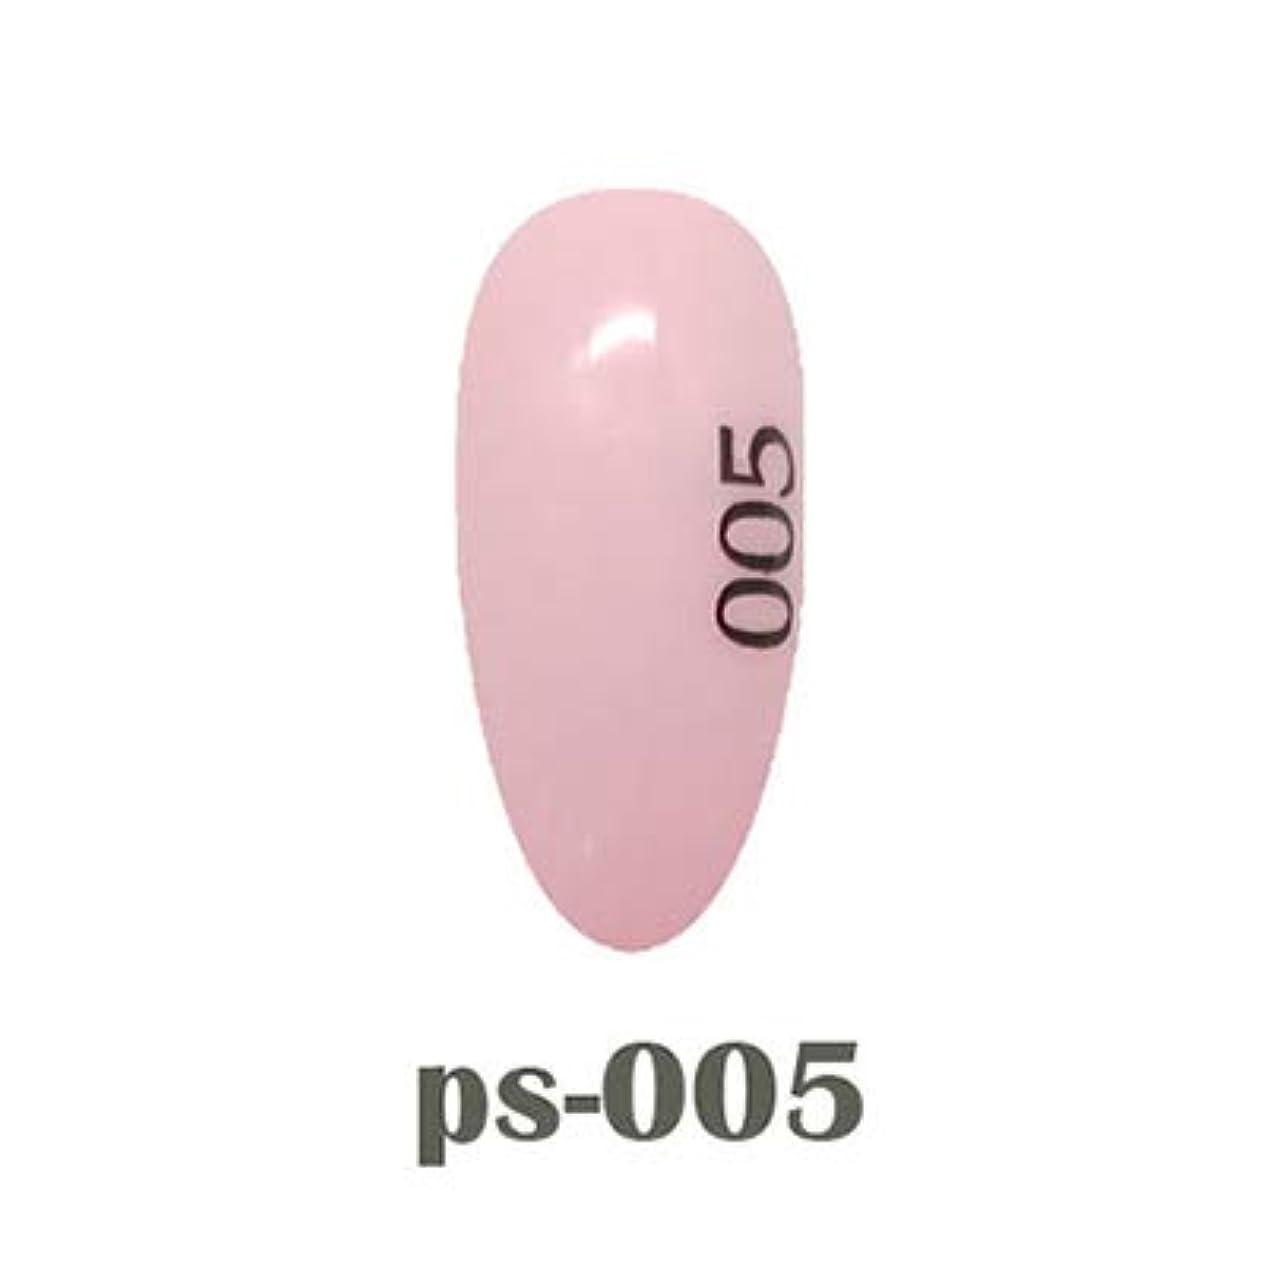 ベリぐるぐるなにアイスジェル カラージェル ポイントパステルシリーズ PP-005 3g